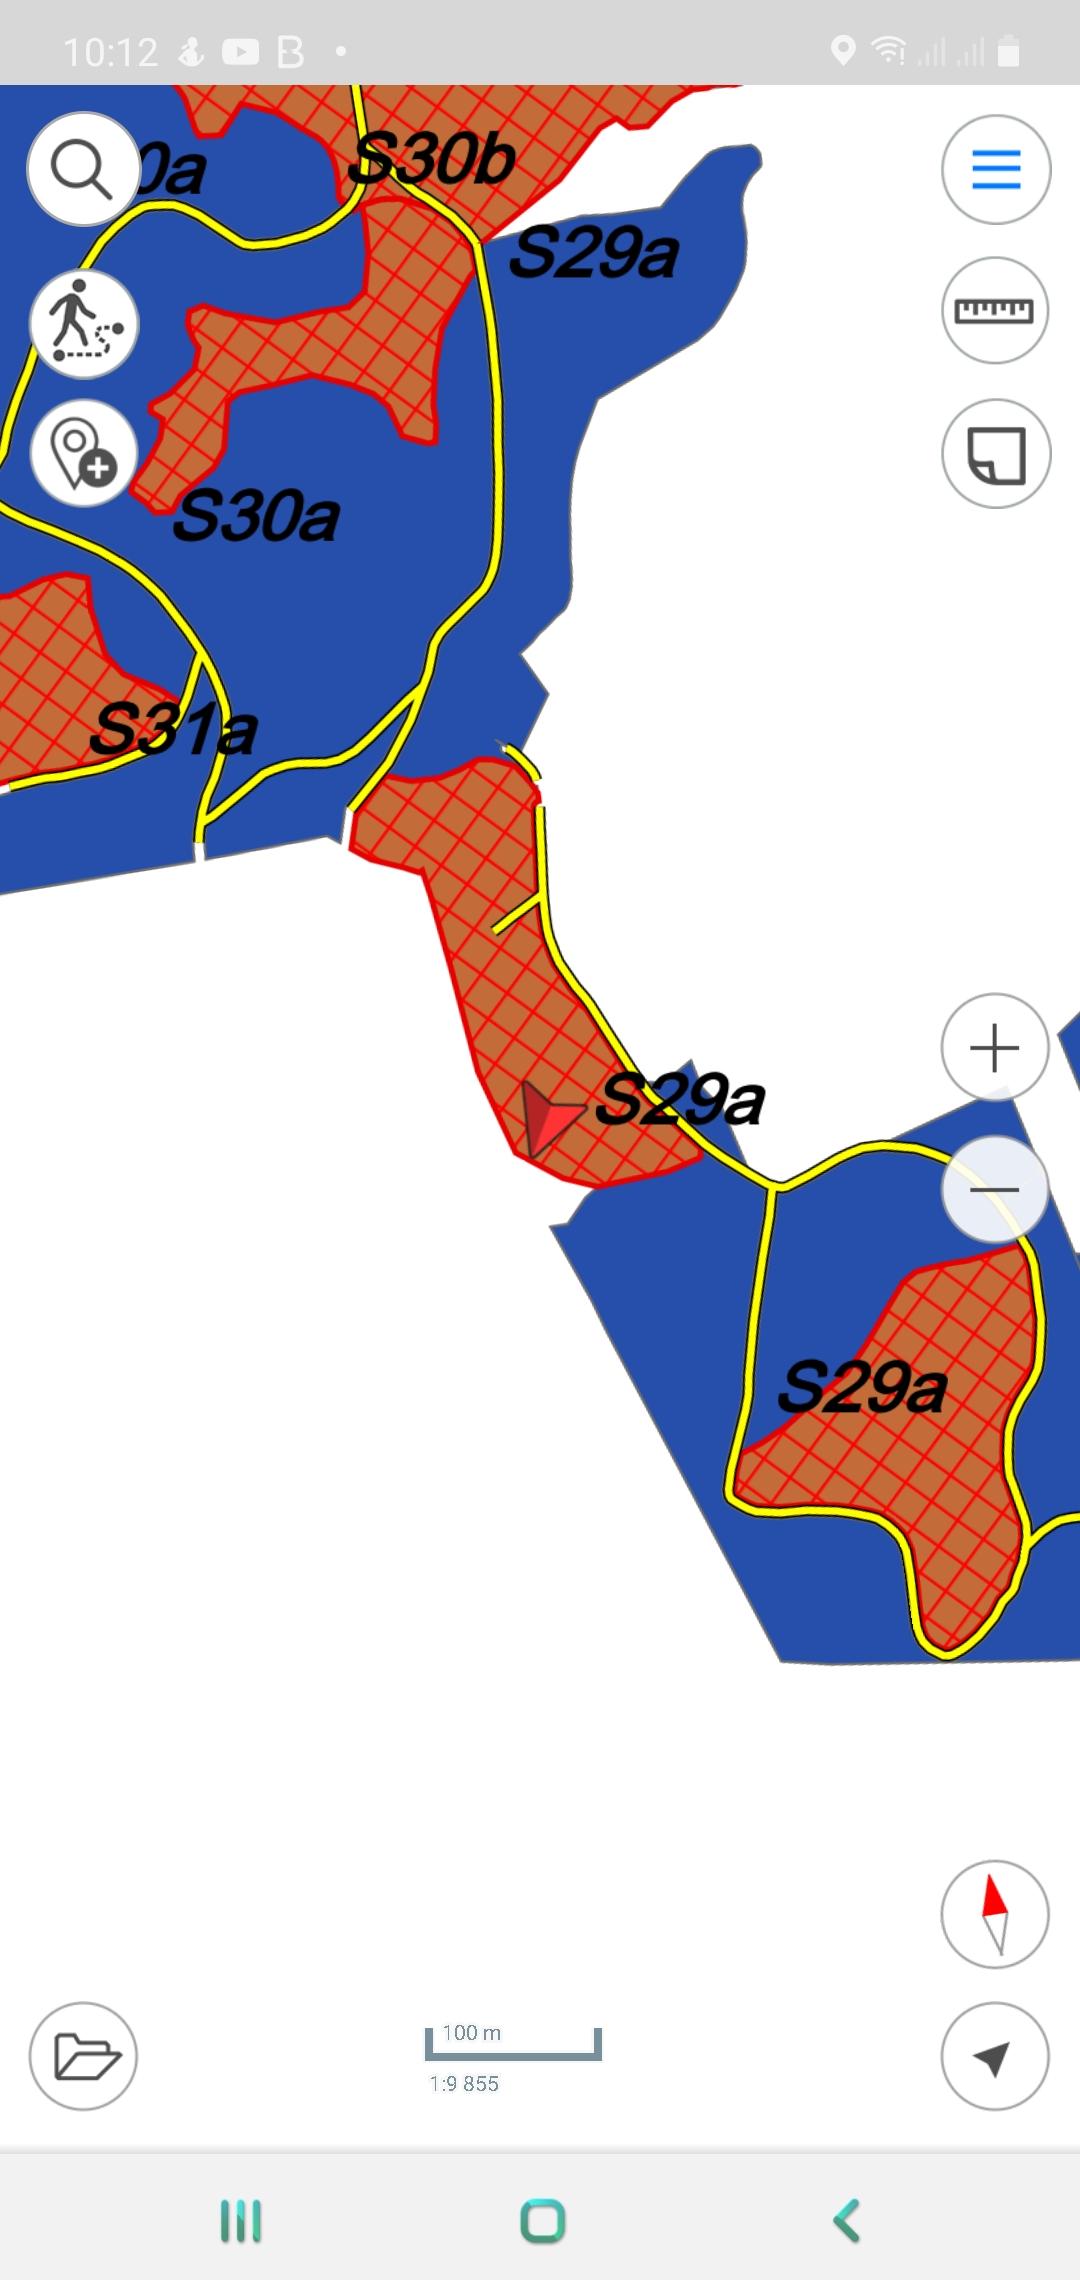 Quality Check Area Controller 1 di Blok S29a SMRE Divisi 3, Selasa - 27 Oktober 2020